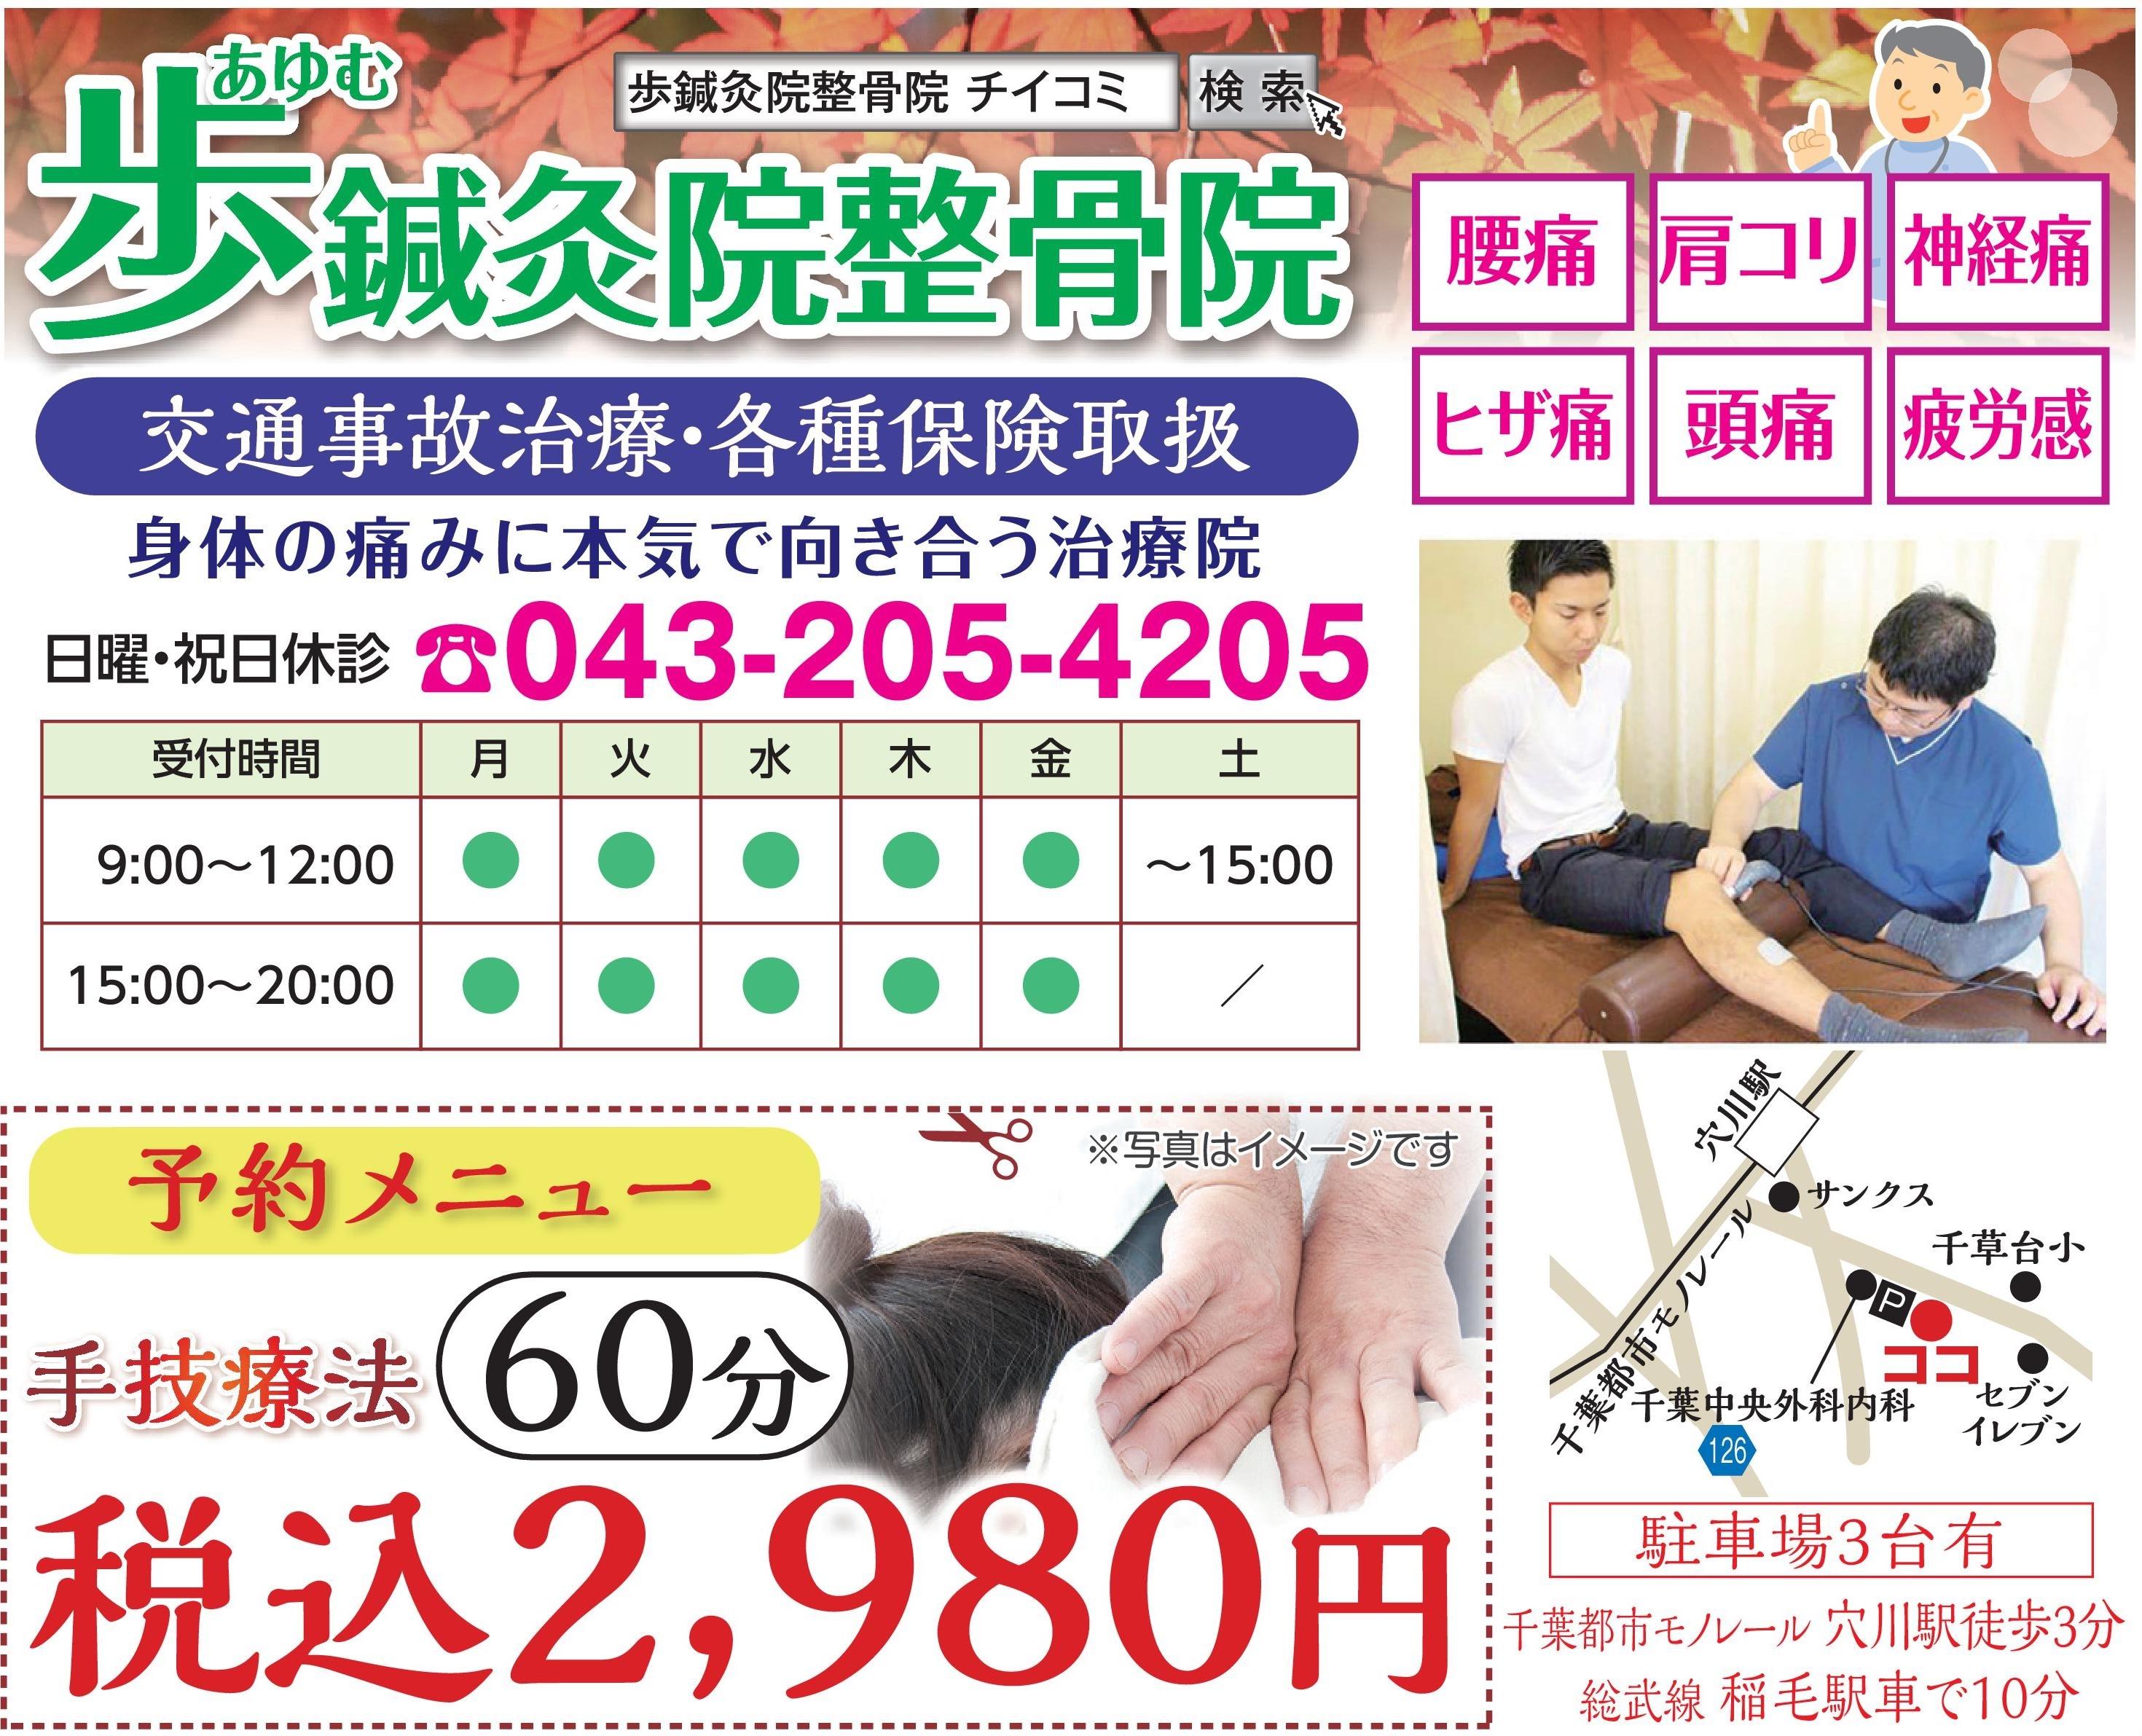 【11/24号ちいき新聞】歩鍼灸院整骨院の広告が掲載されてます